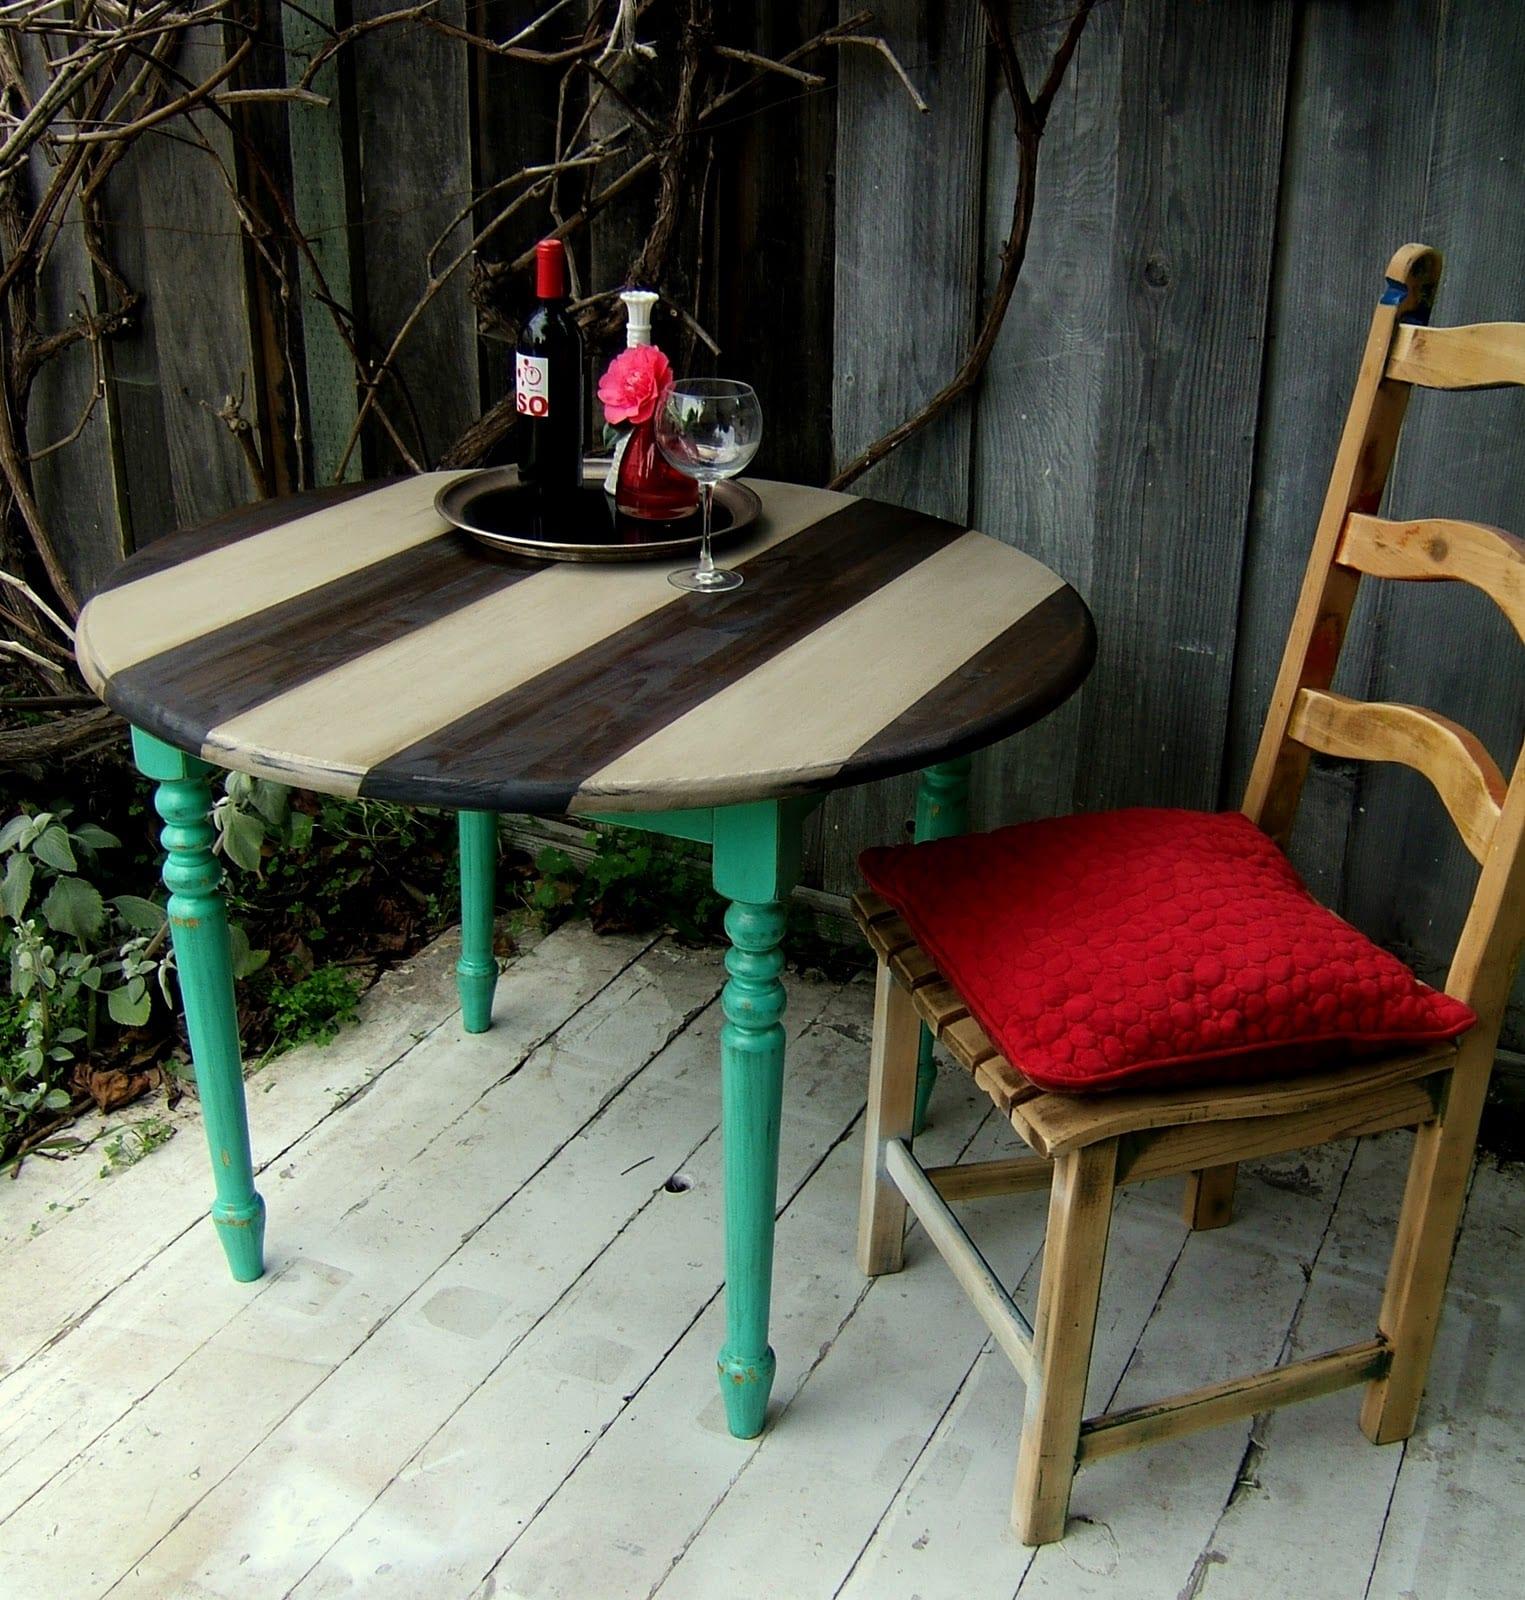 DIY Vintage Esstisch aus Holz mit runder Tischplatte in streifen gestrichen